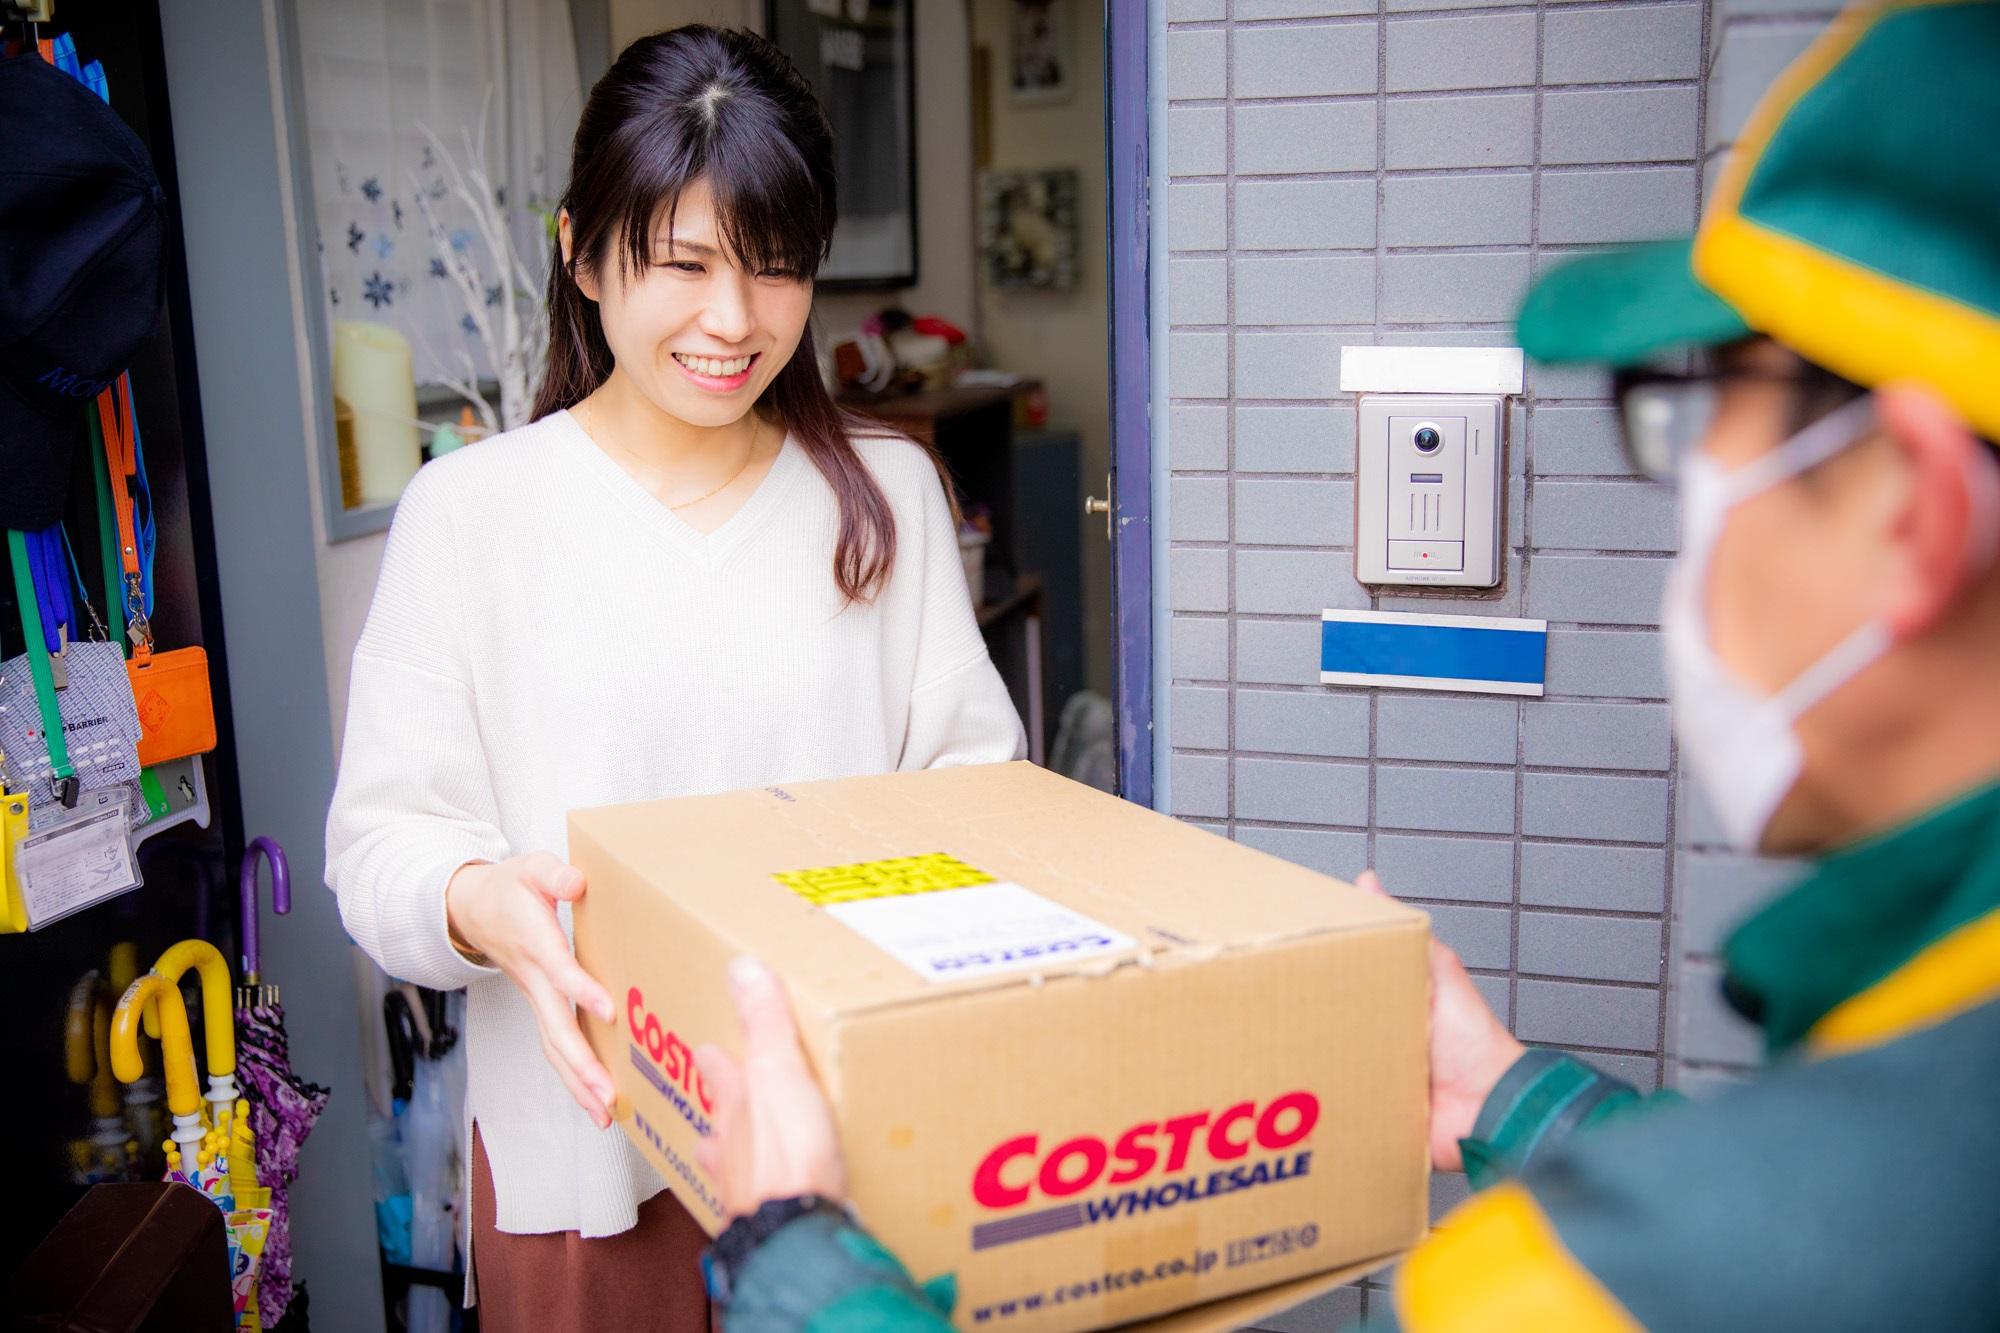 コストコオンラインで注文した商品を宅配業者から玄関先で受け取るようす